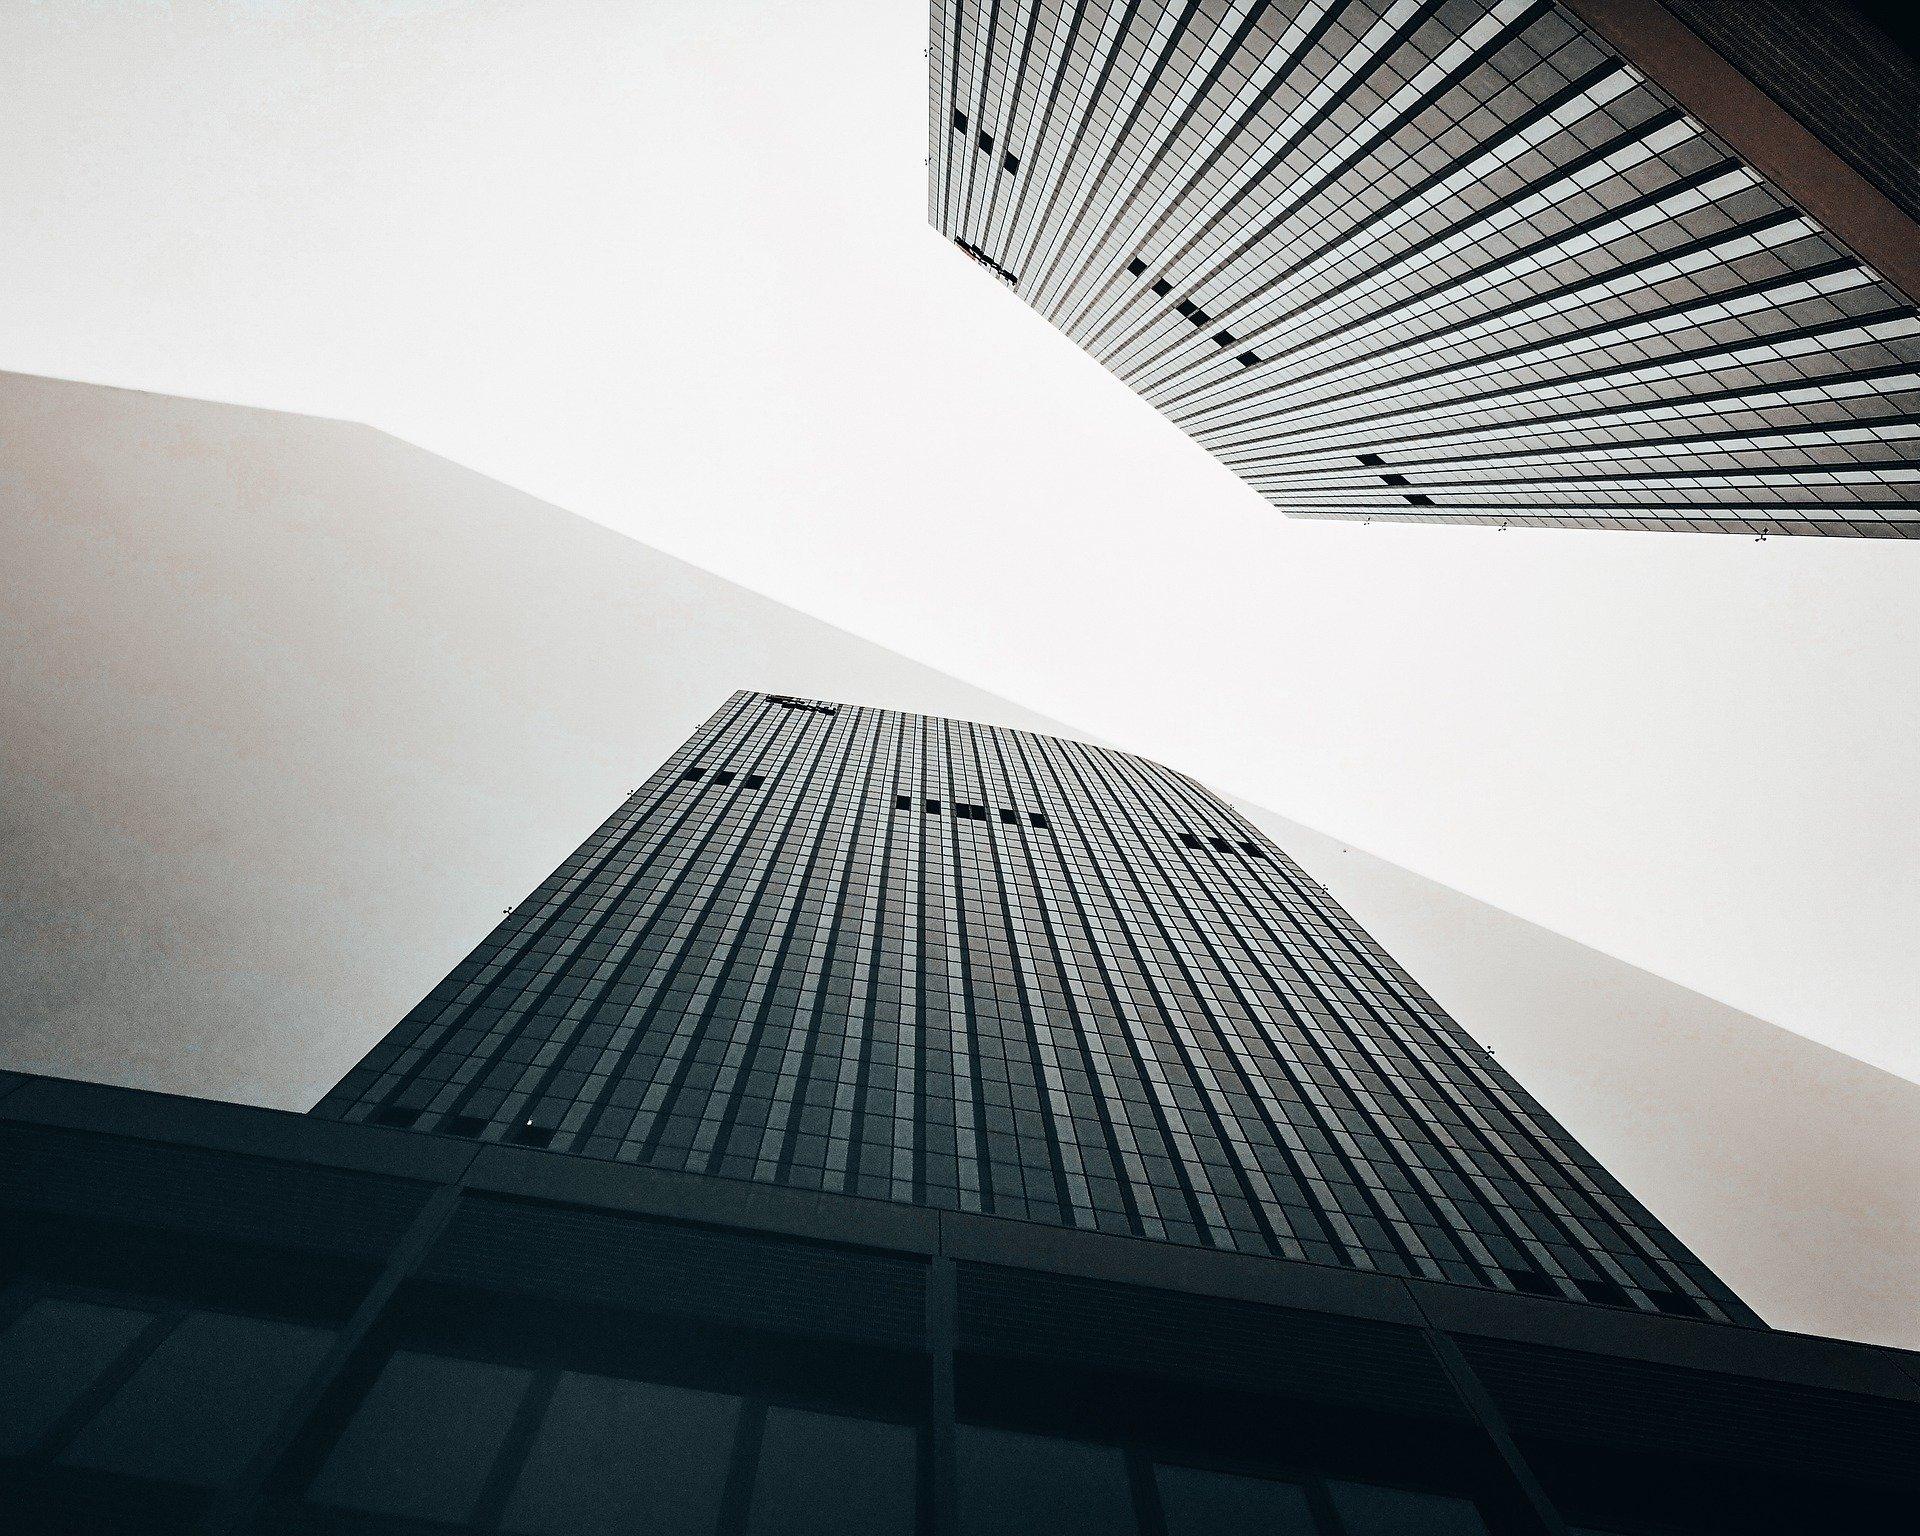 Strategic vs Financial Investors